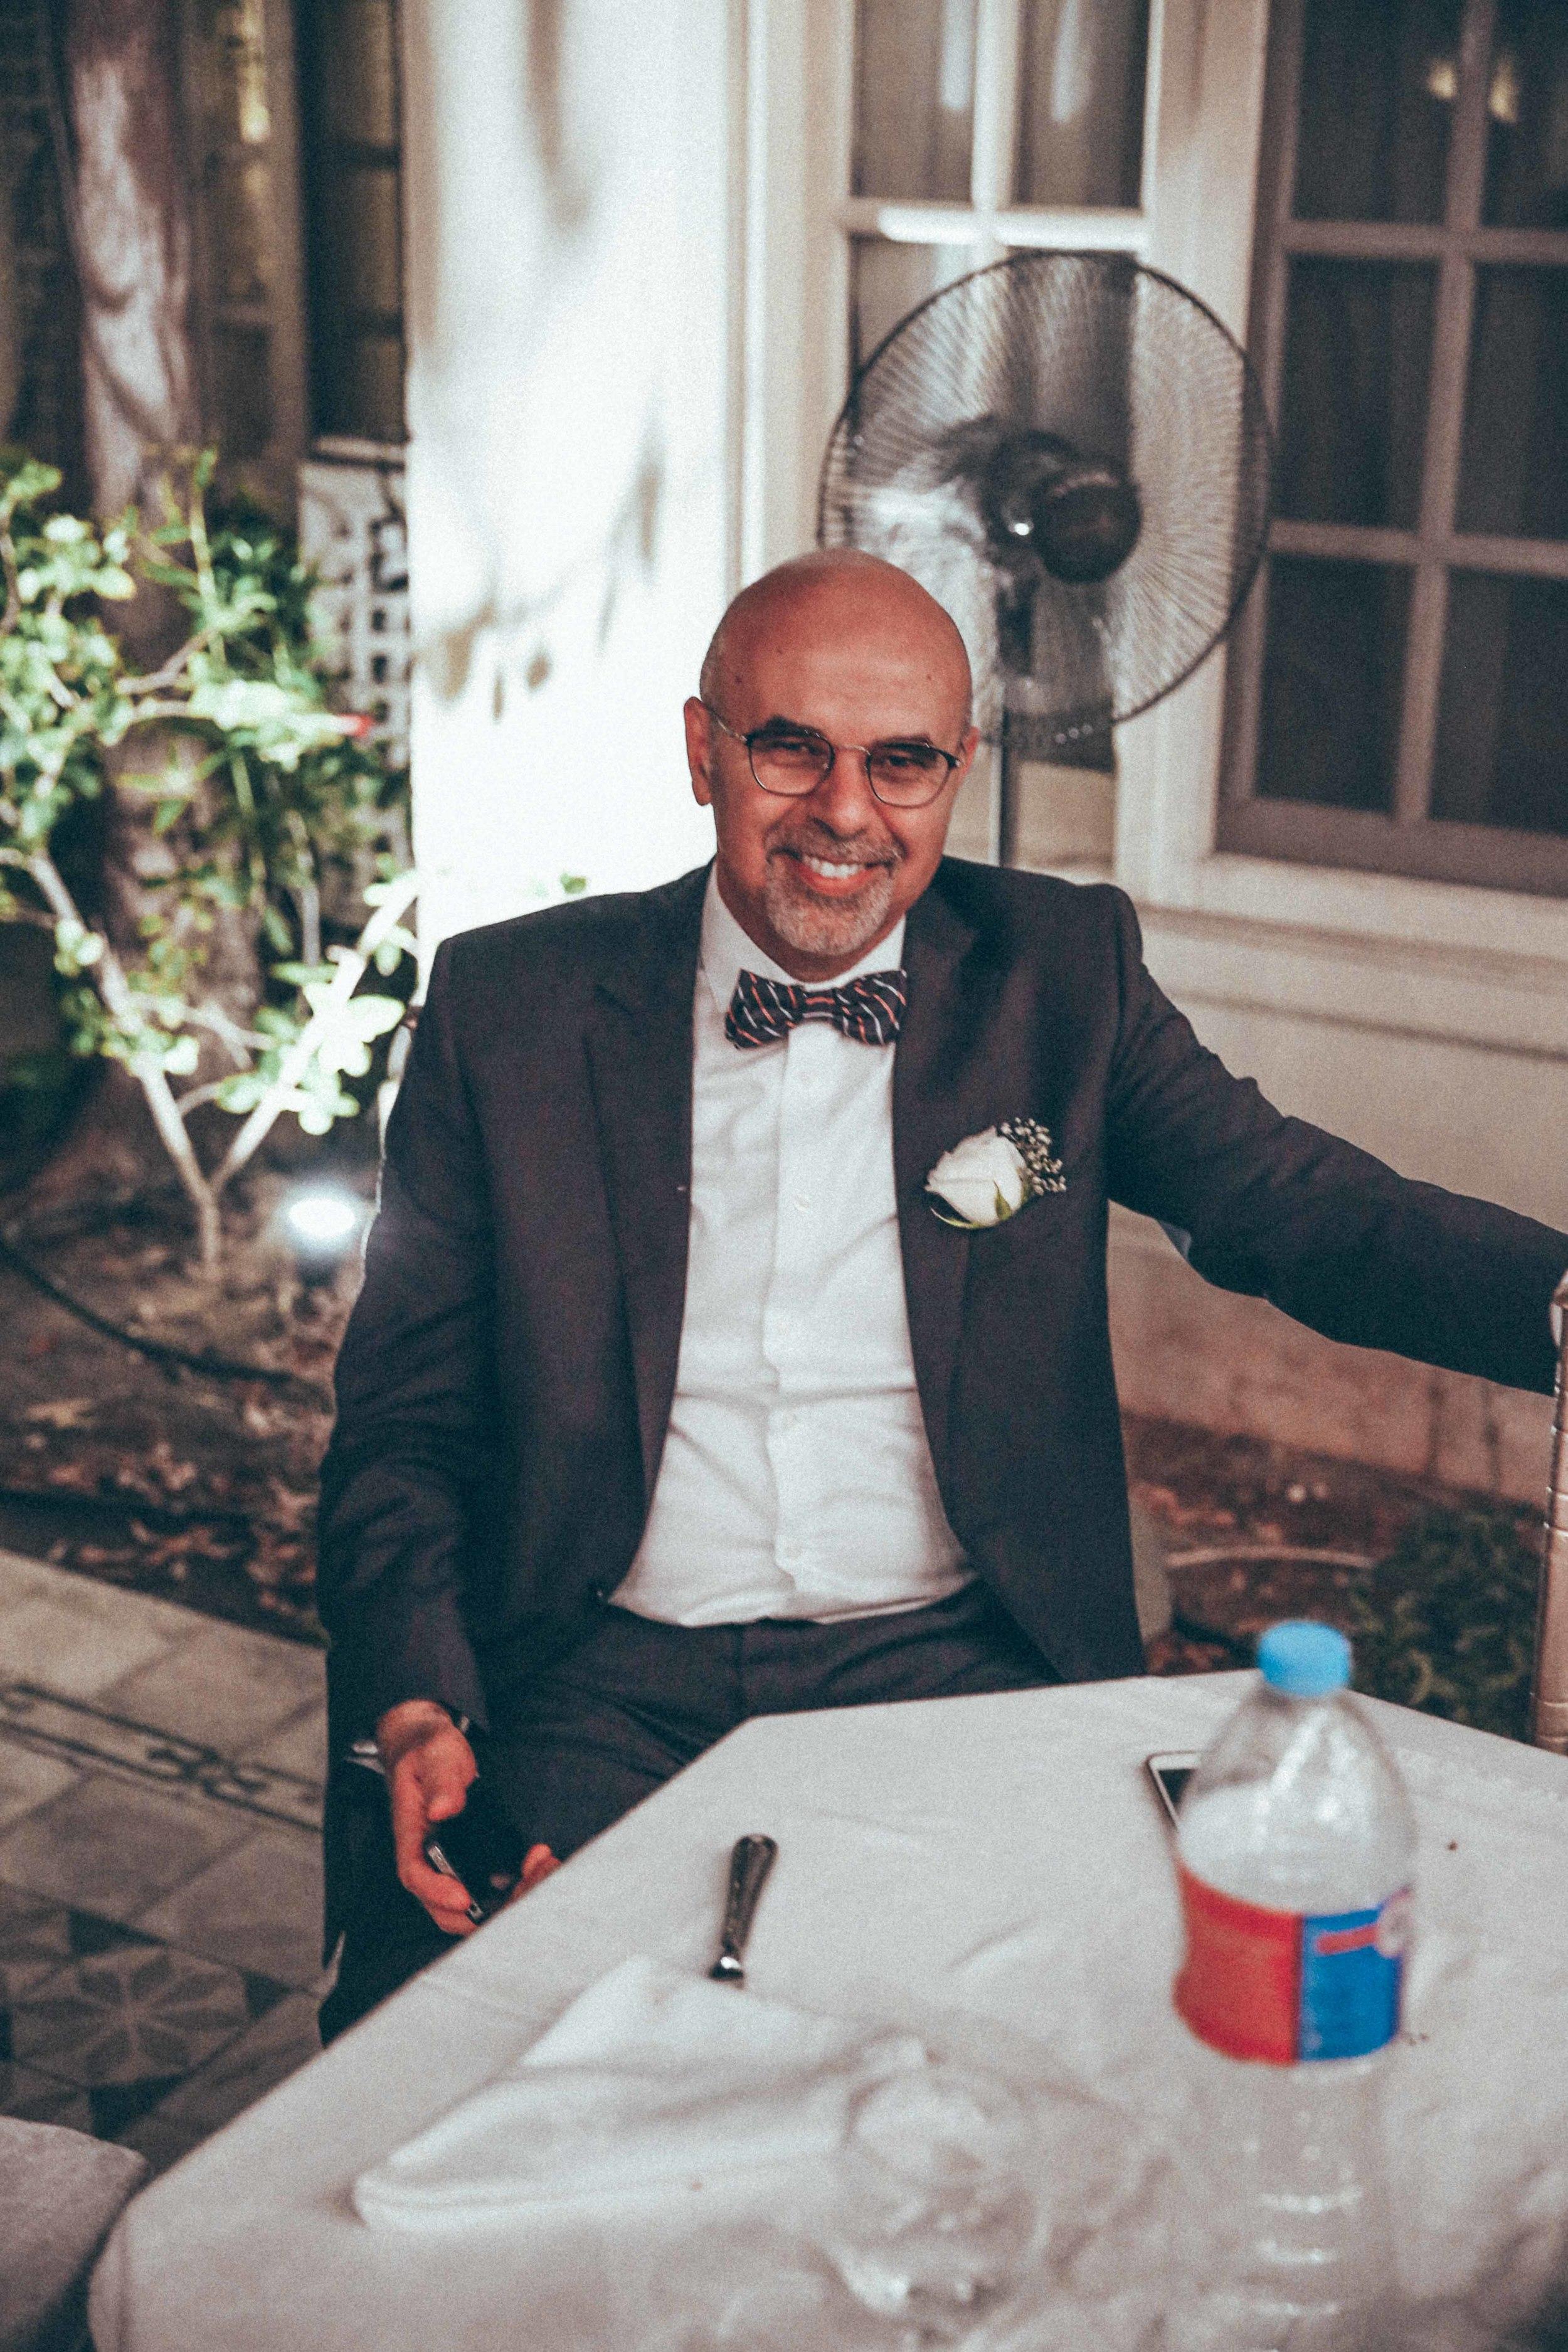 wedding-3537.jpg